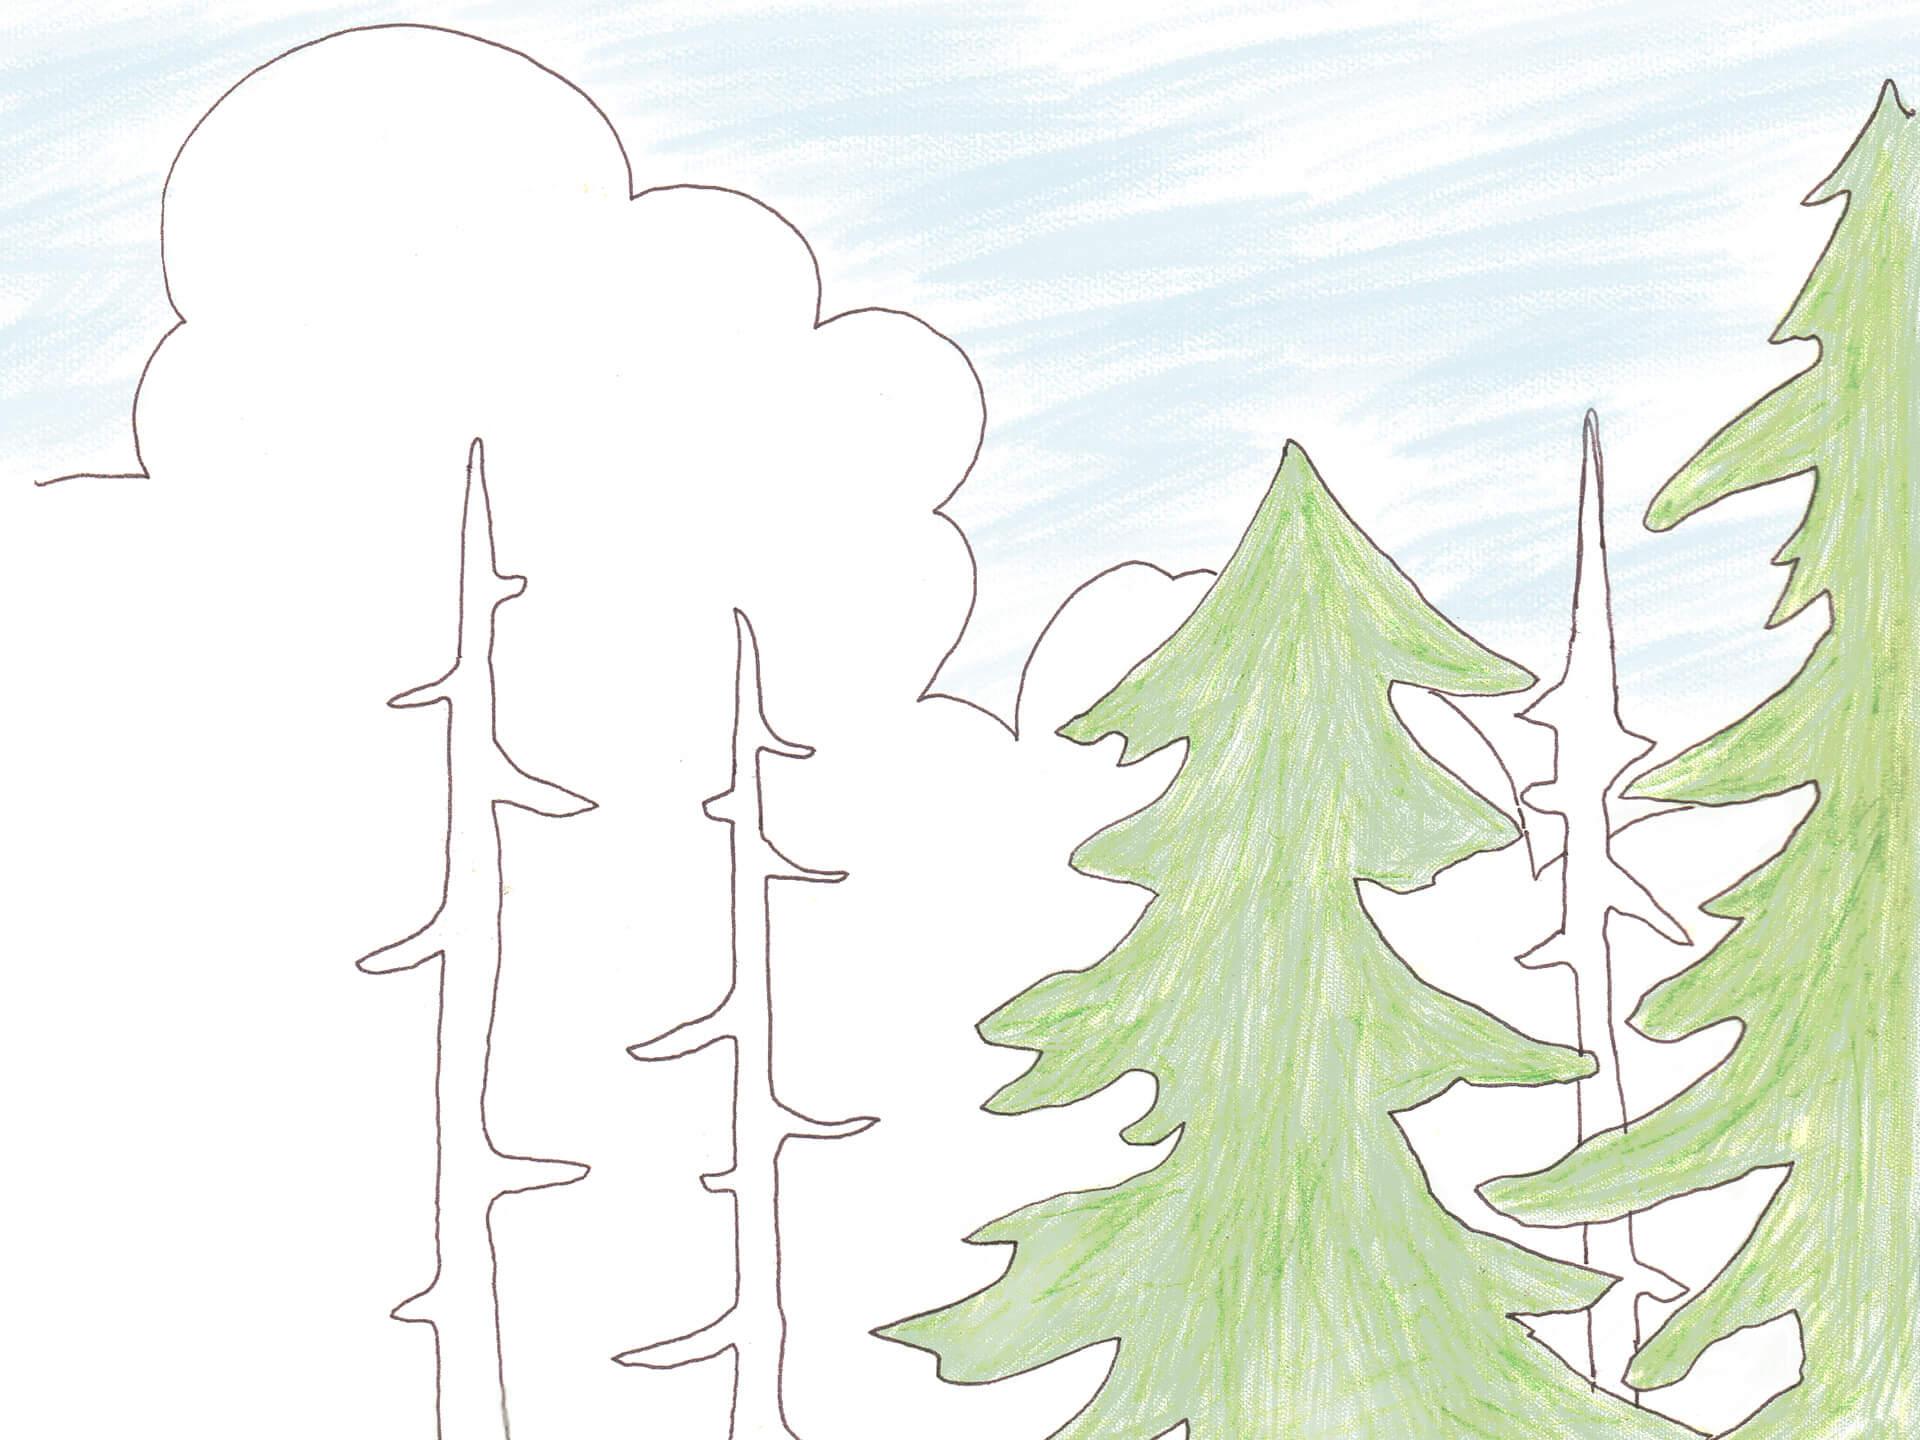 小説-映画 空想の森